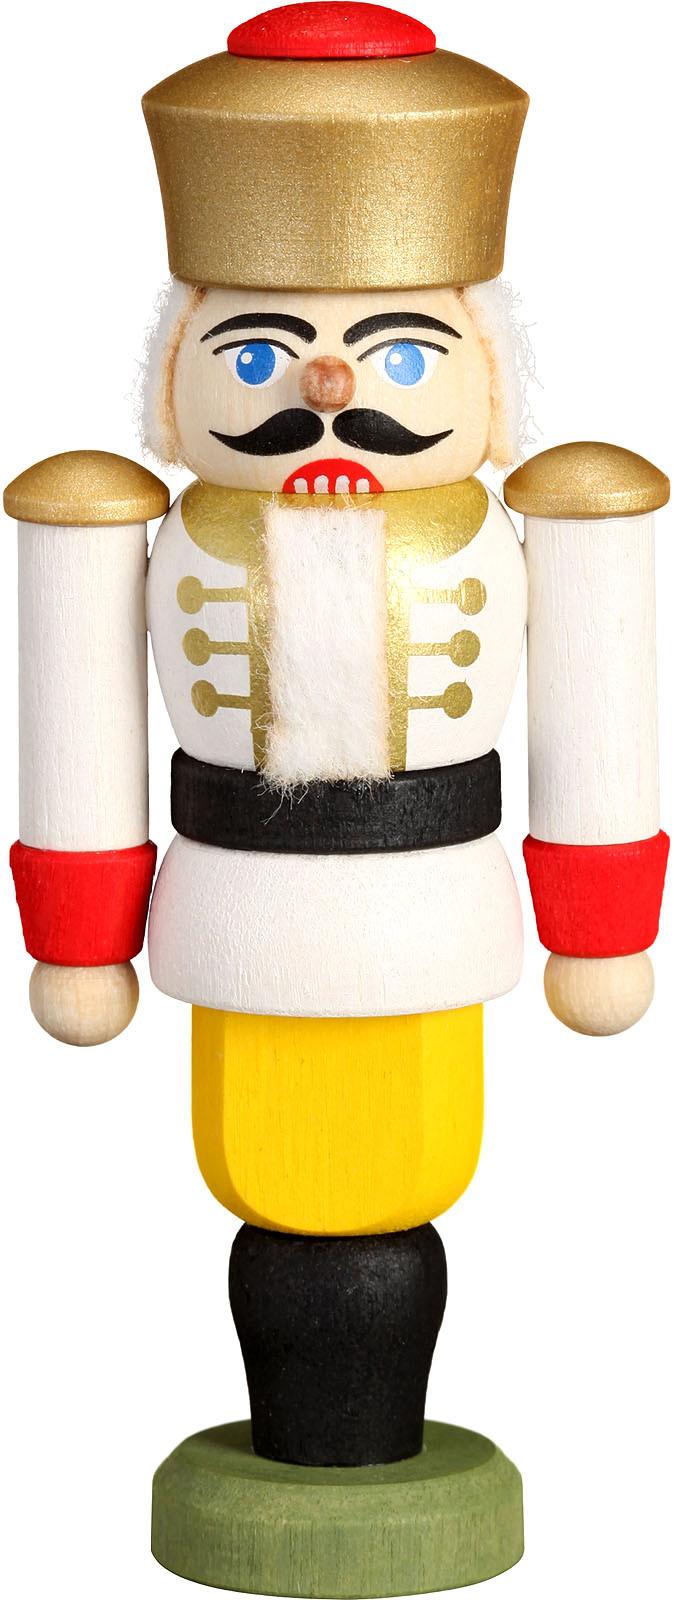 Mini-Nussknacker König, weiß